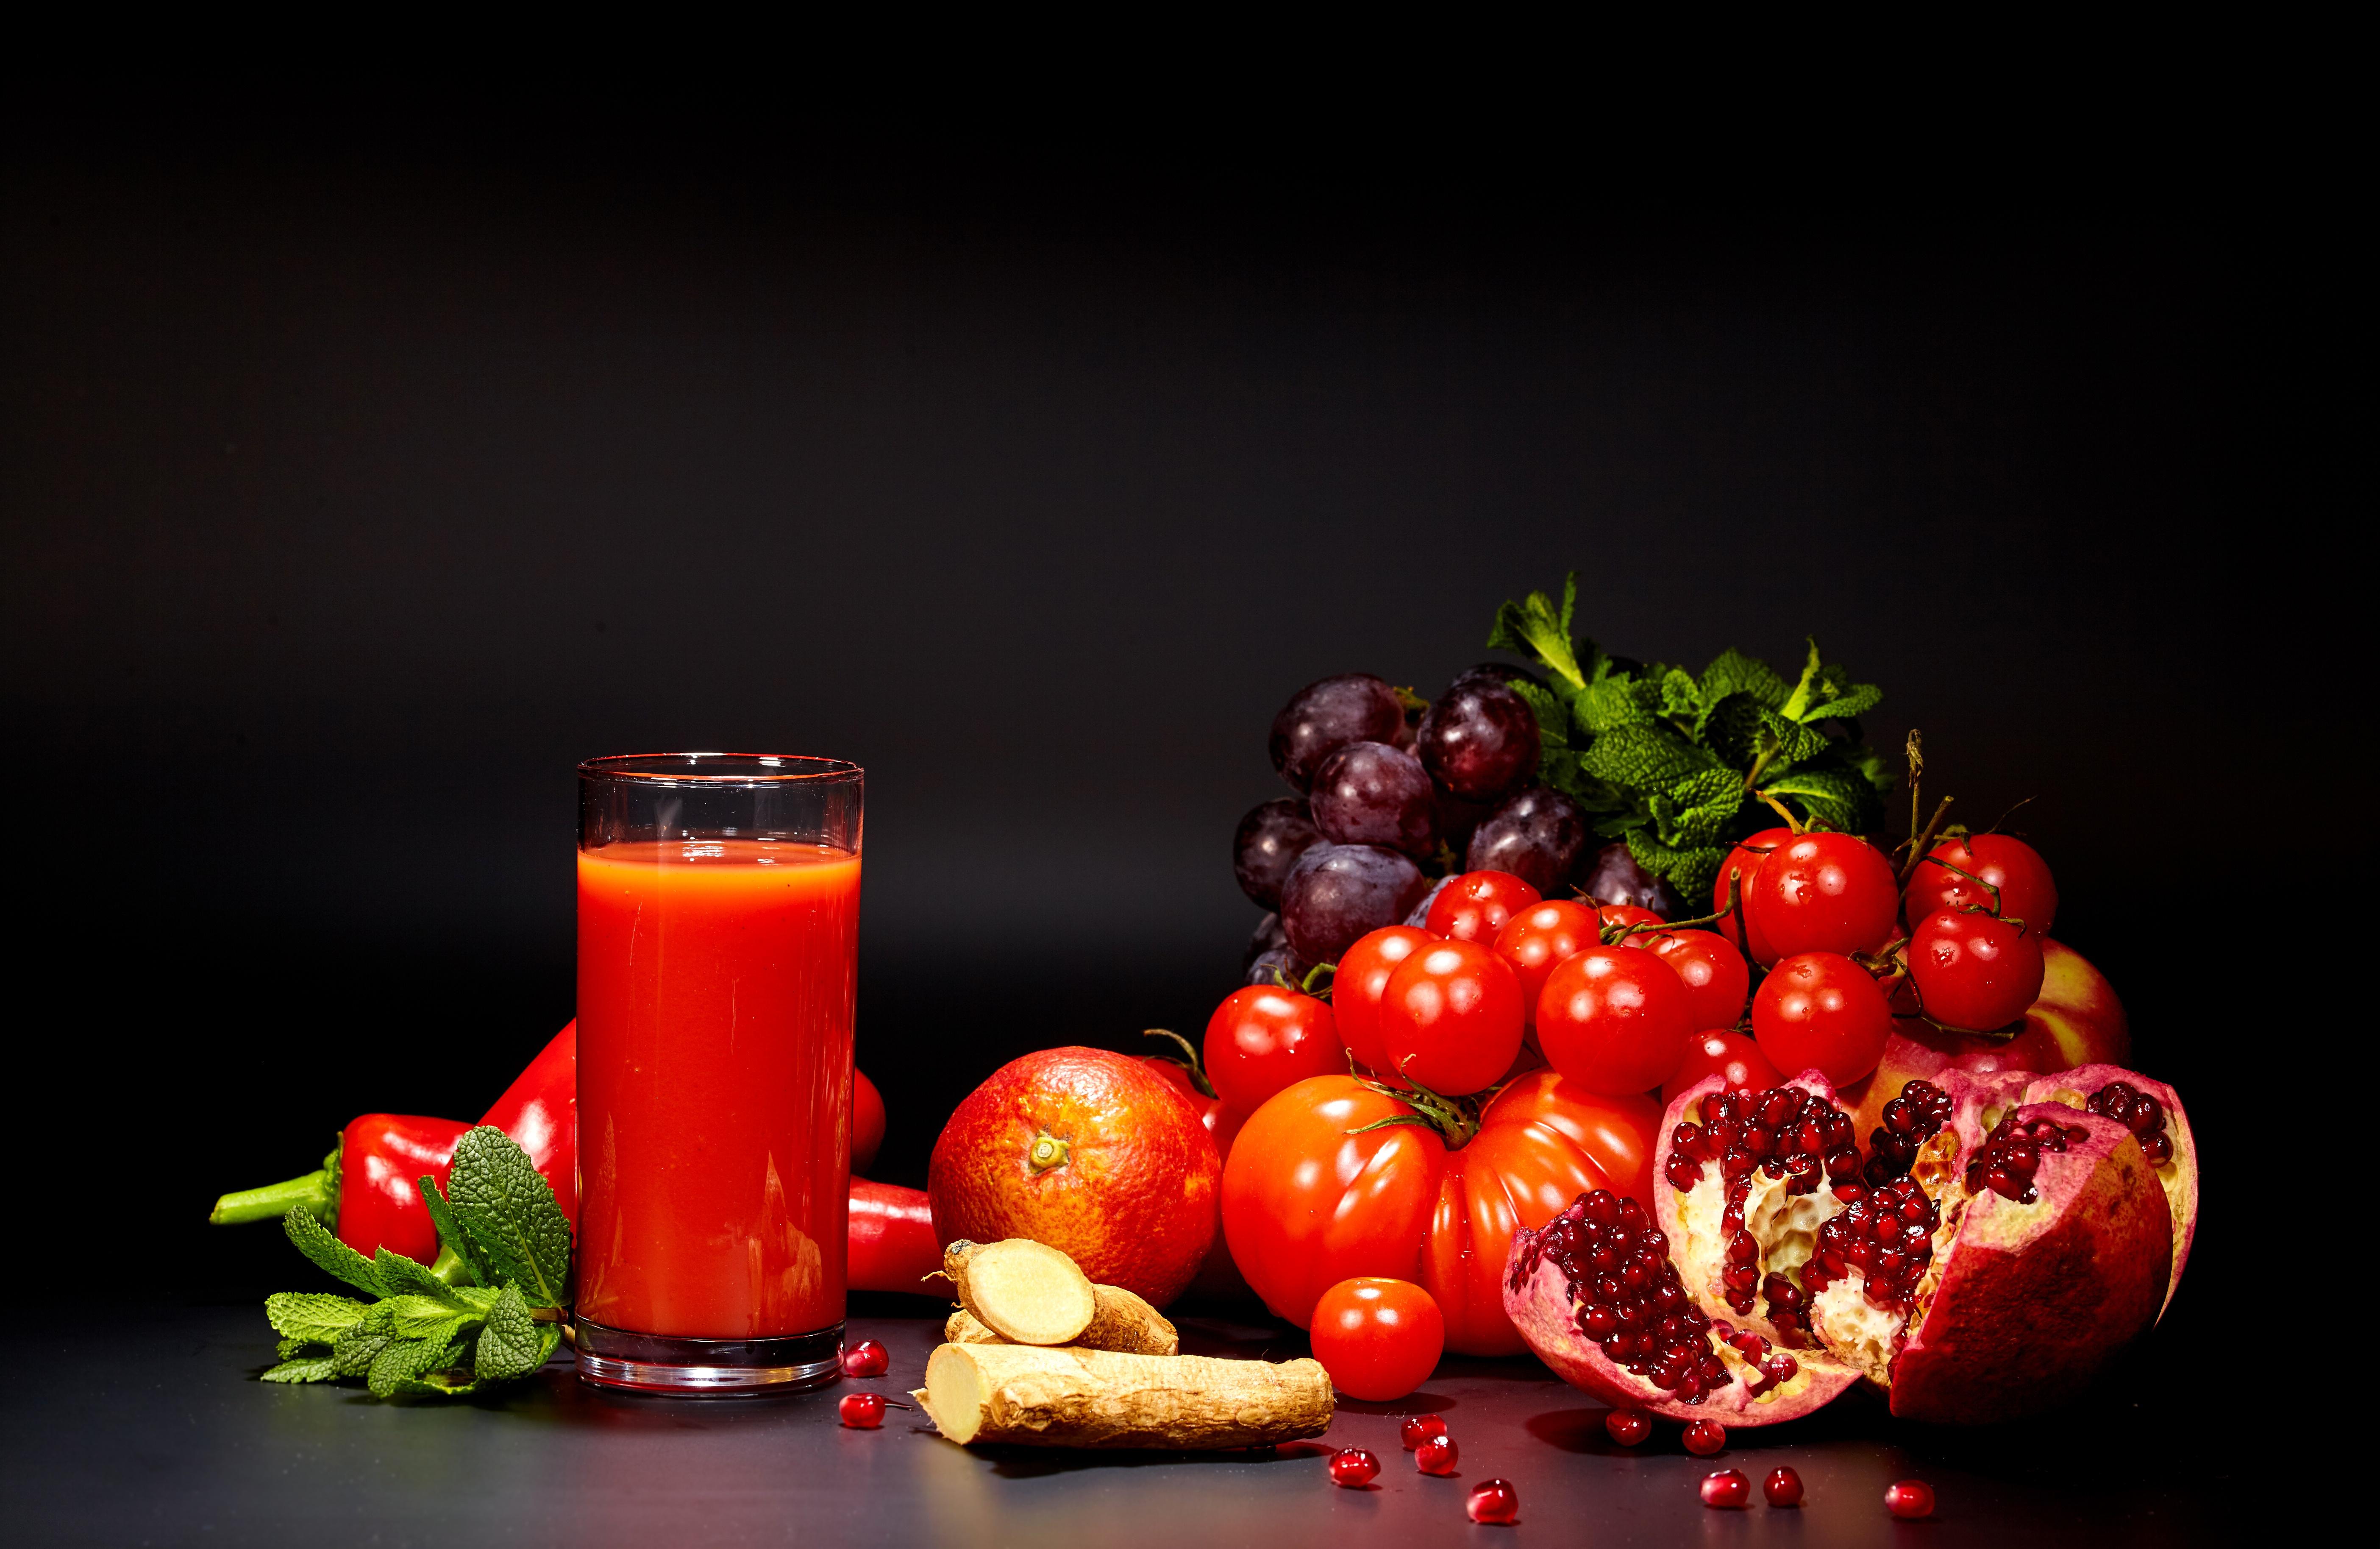 еда помидоры сок томатный ложка  № 2891461 бесплатно